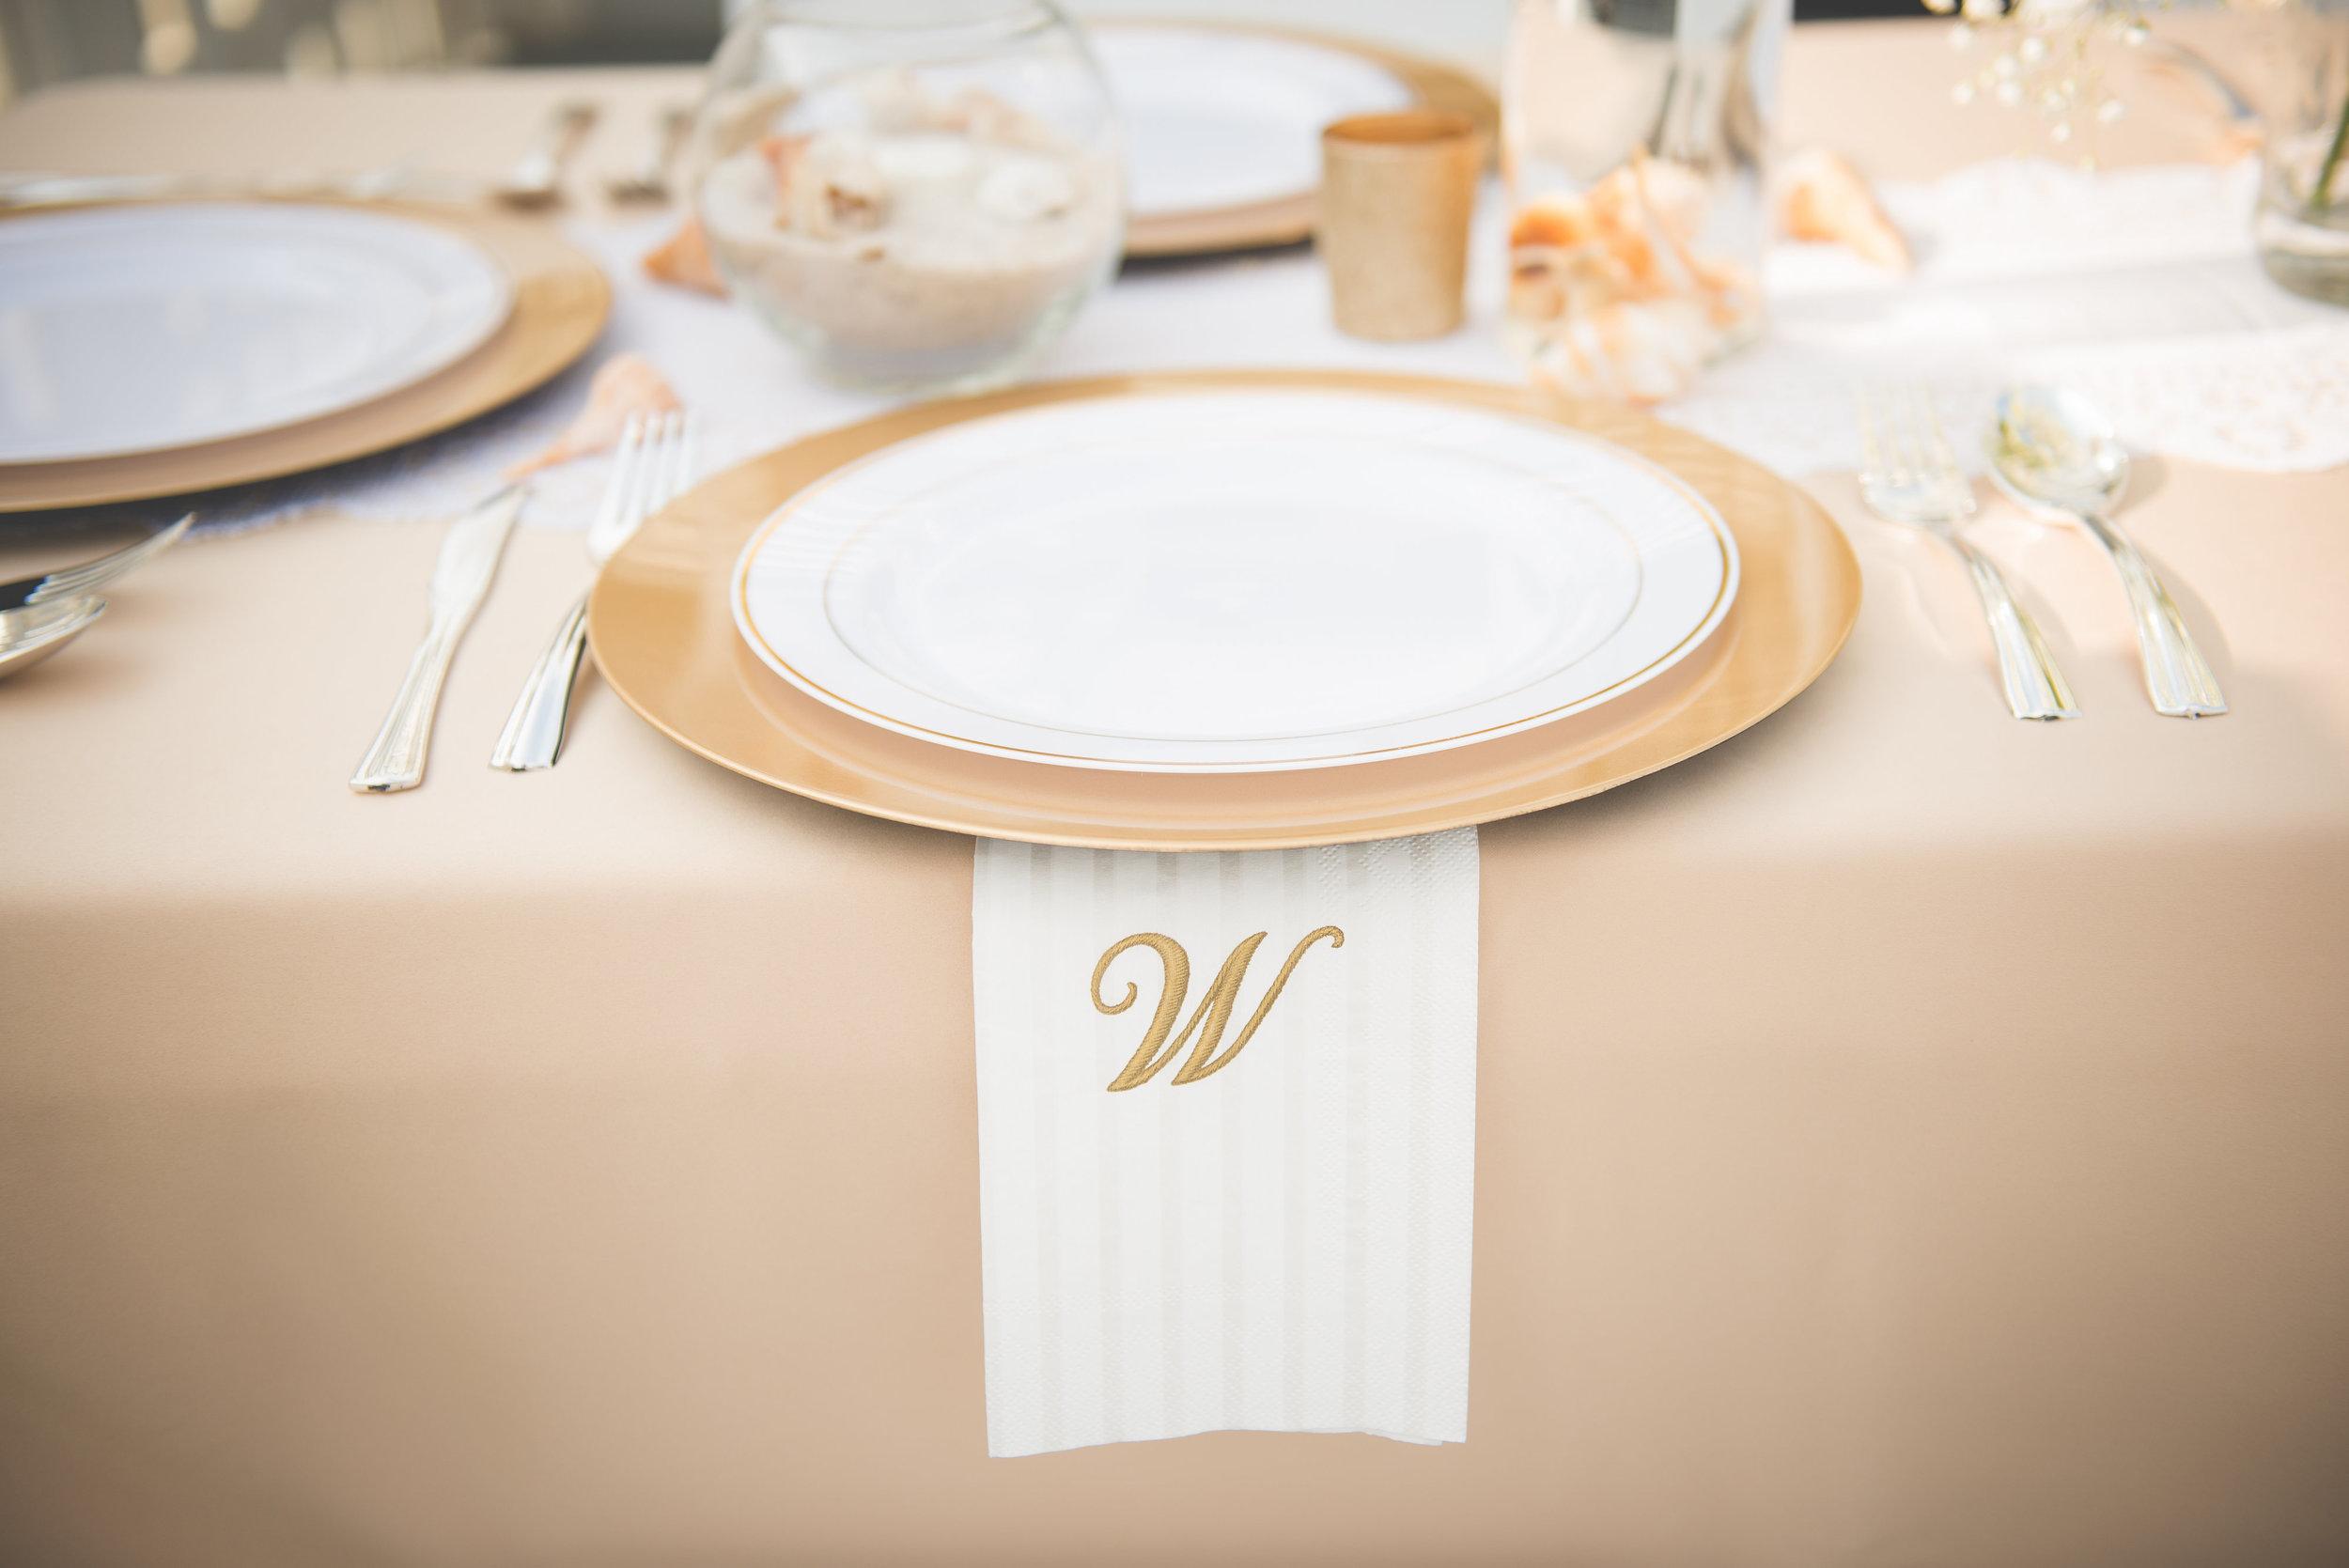 West Wedding 9 3 16-West Wedding 9 3 16-0440 (1).jpg